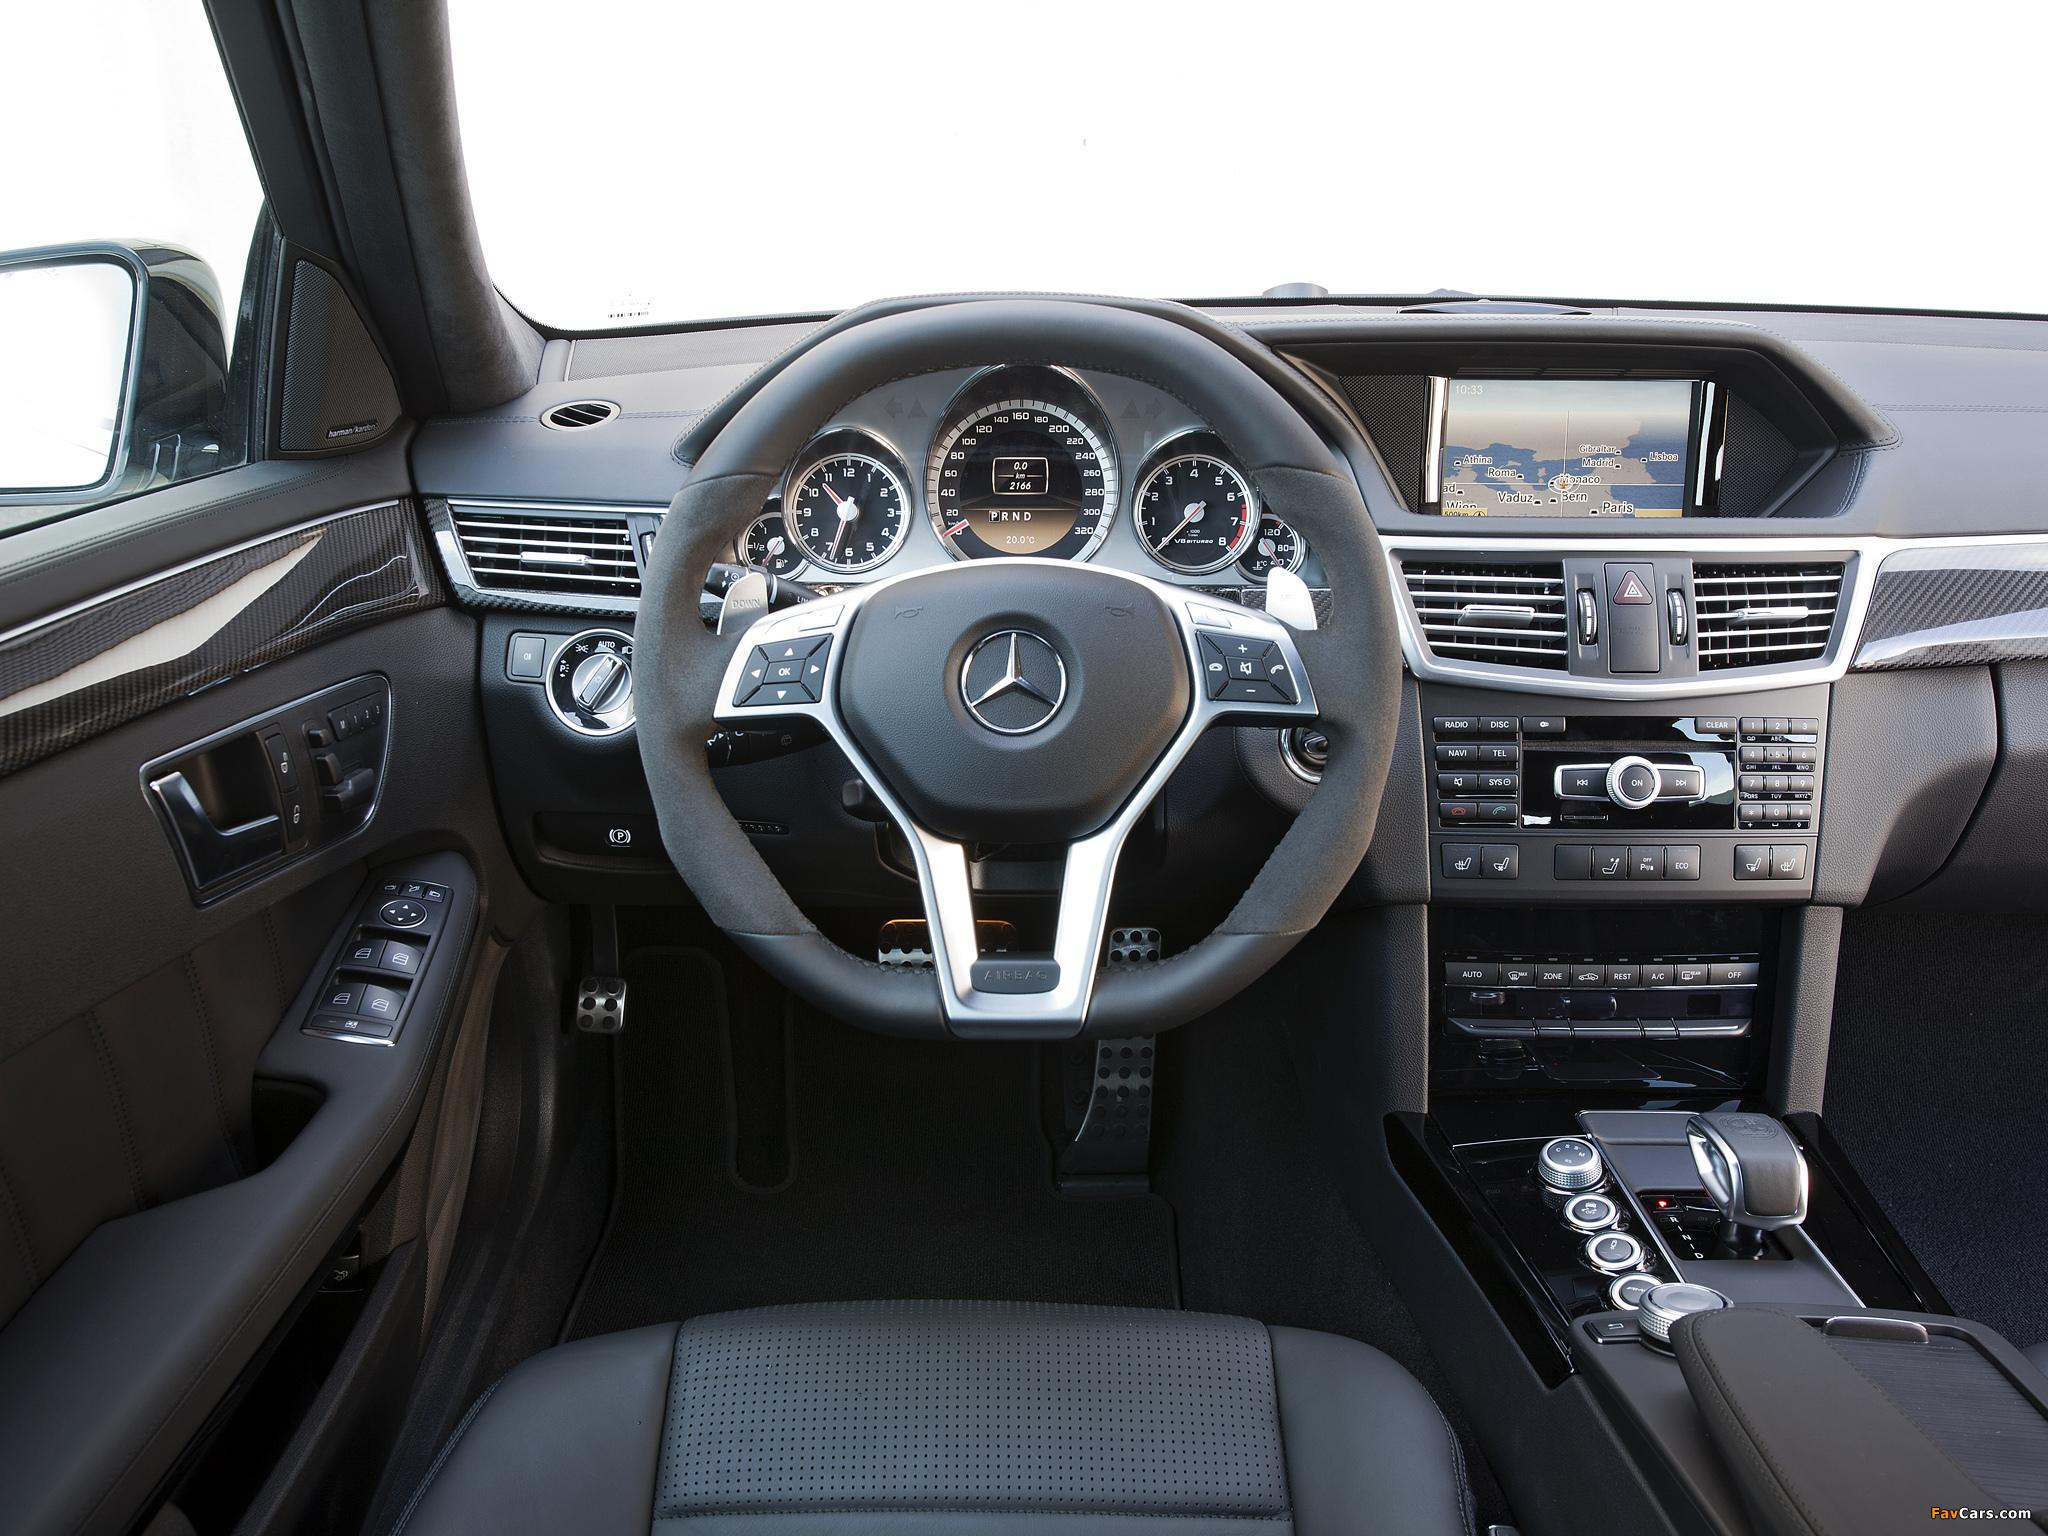 Заправочный объем и код оригинальной жидкости ГУР для Mercedes E-Class (W212)